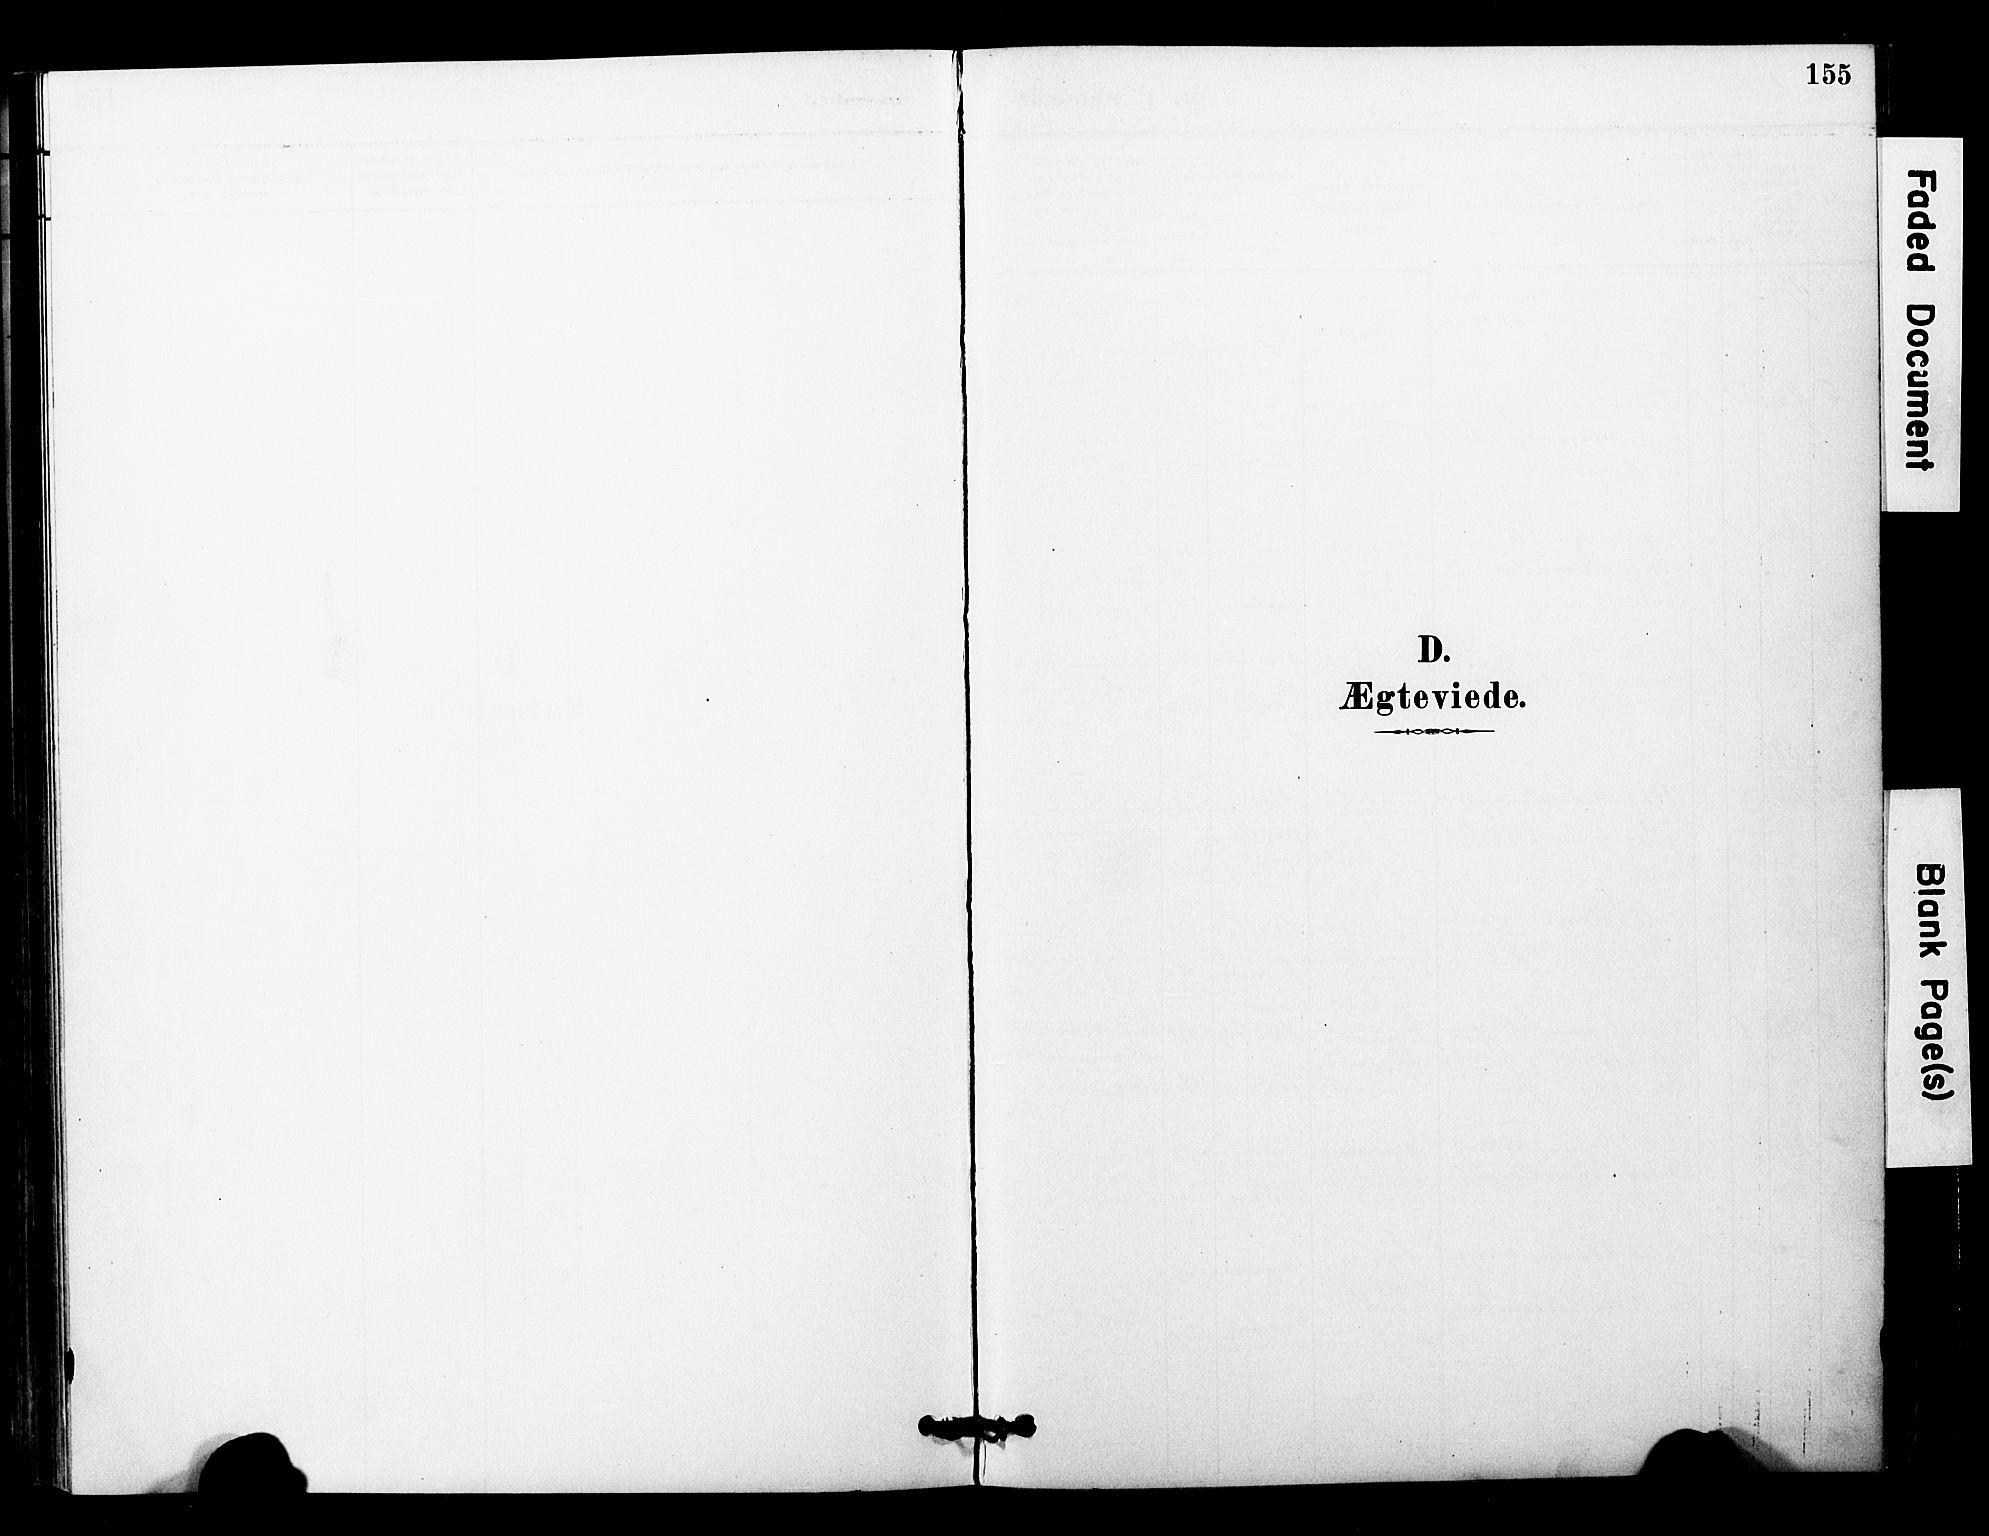 SAT, Ministerialprotokoller, klokkerbøker og fødselsregistre - Nord-Trøndelag, 757/L0505: Ministerialbok nr. 757A01, 1882-1904, s. 155